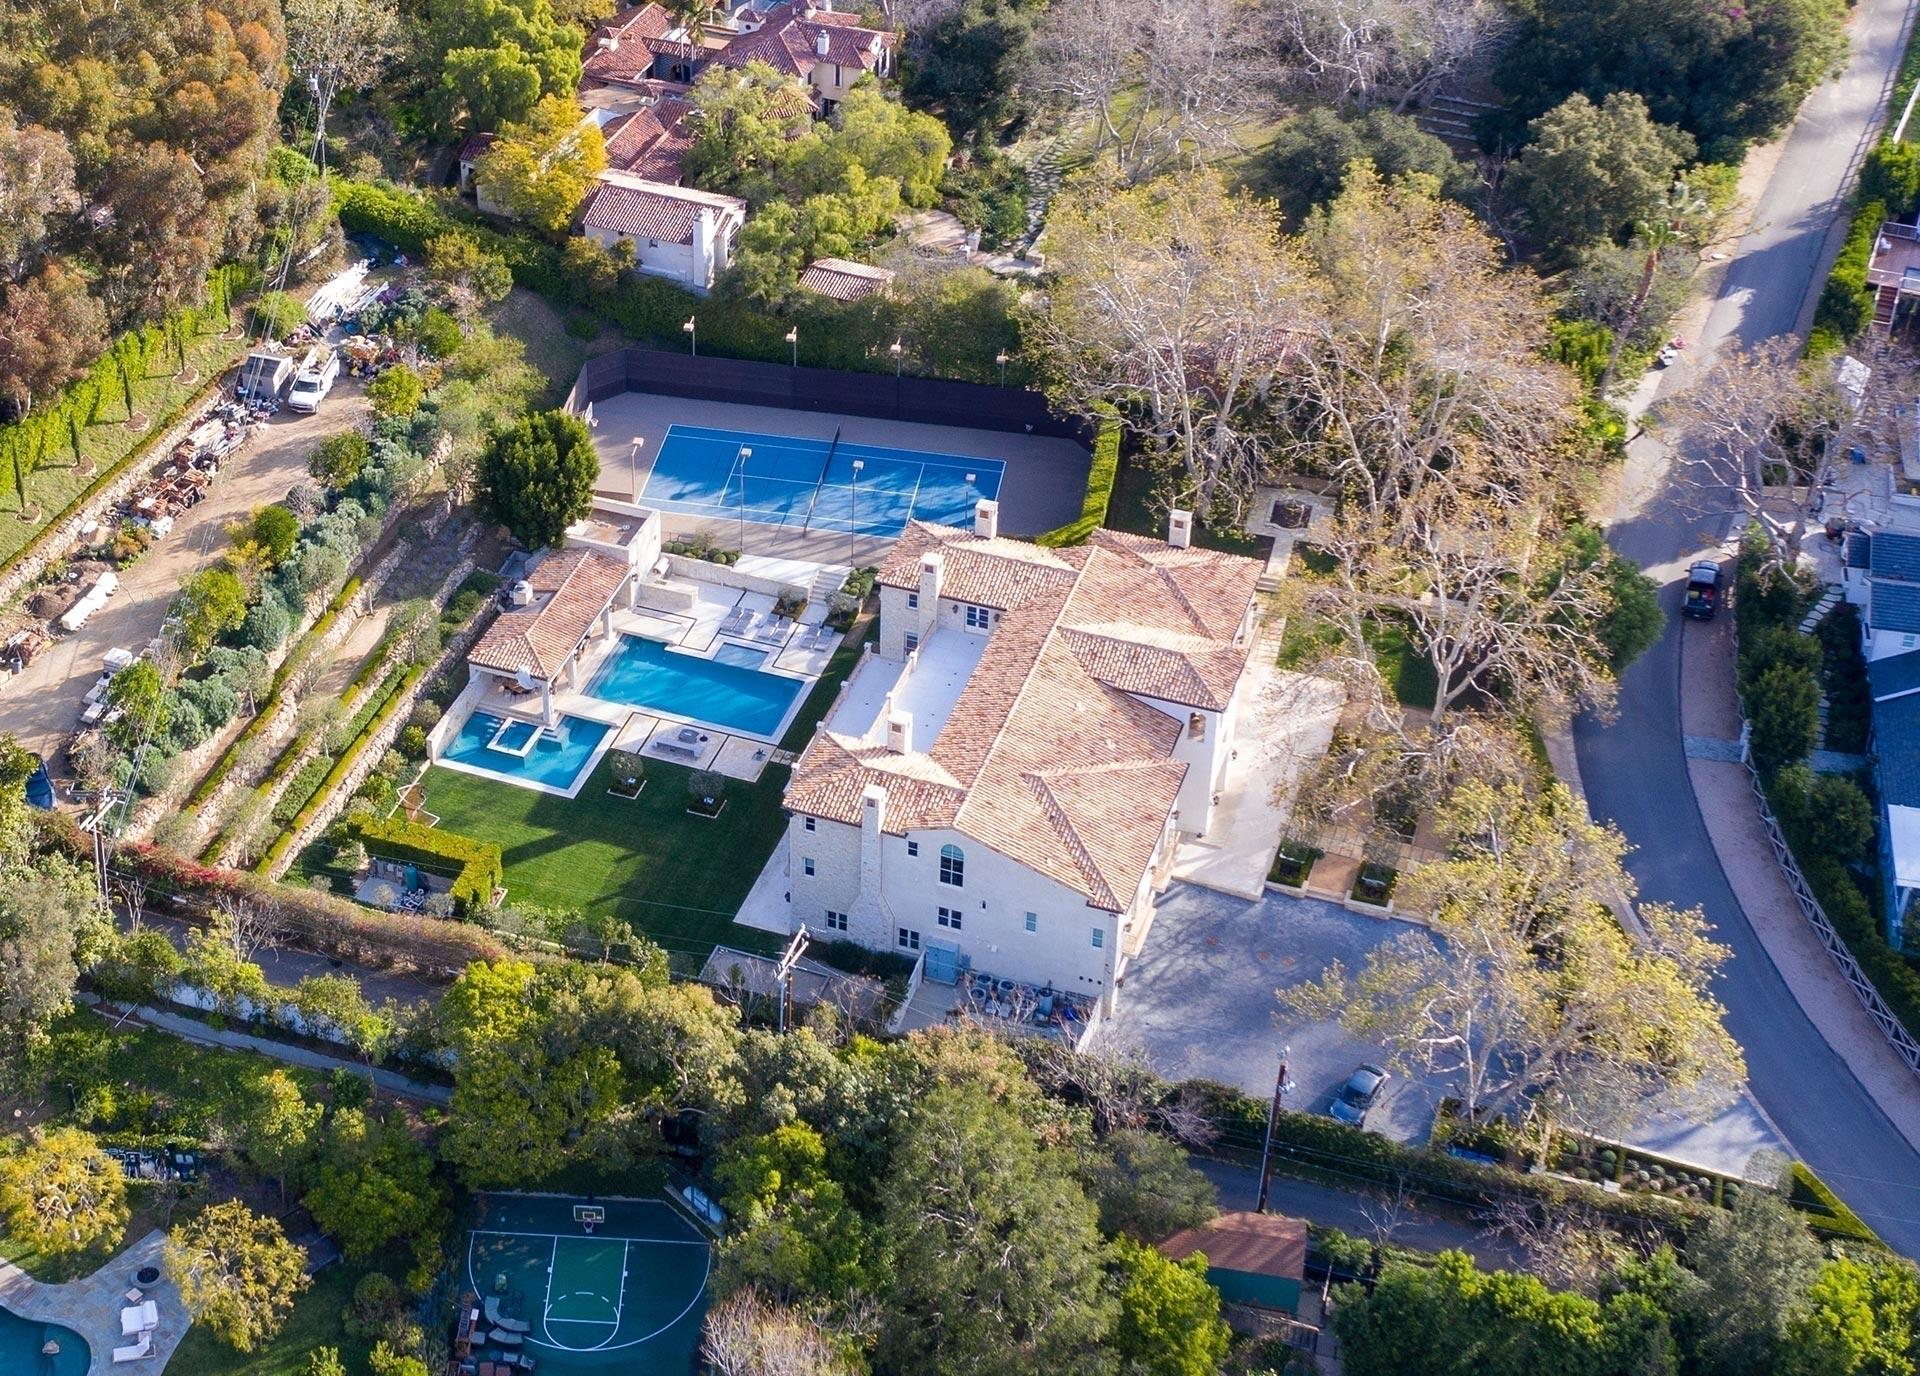 La mansión a la que se mudarían Harry y Meghan Markle posee amplias piscinas y una court de tenis, como algo llamativo. El plan de los Sussex es estar cerca de la madre de la actriz, Doria Ragland (Grosby)